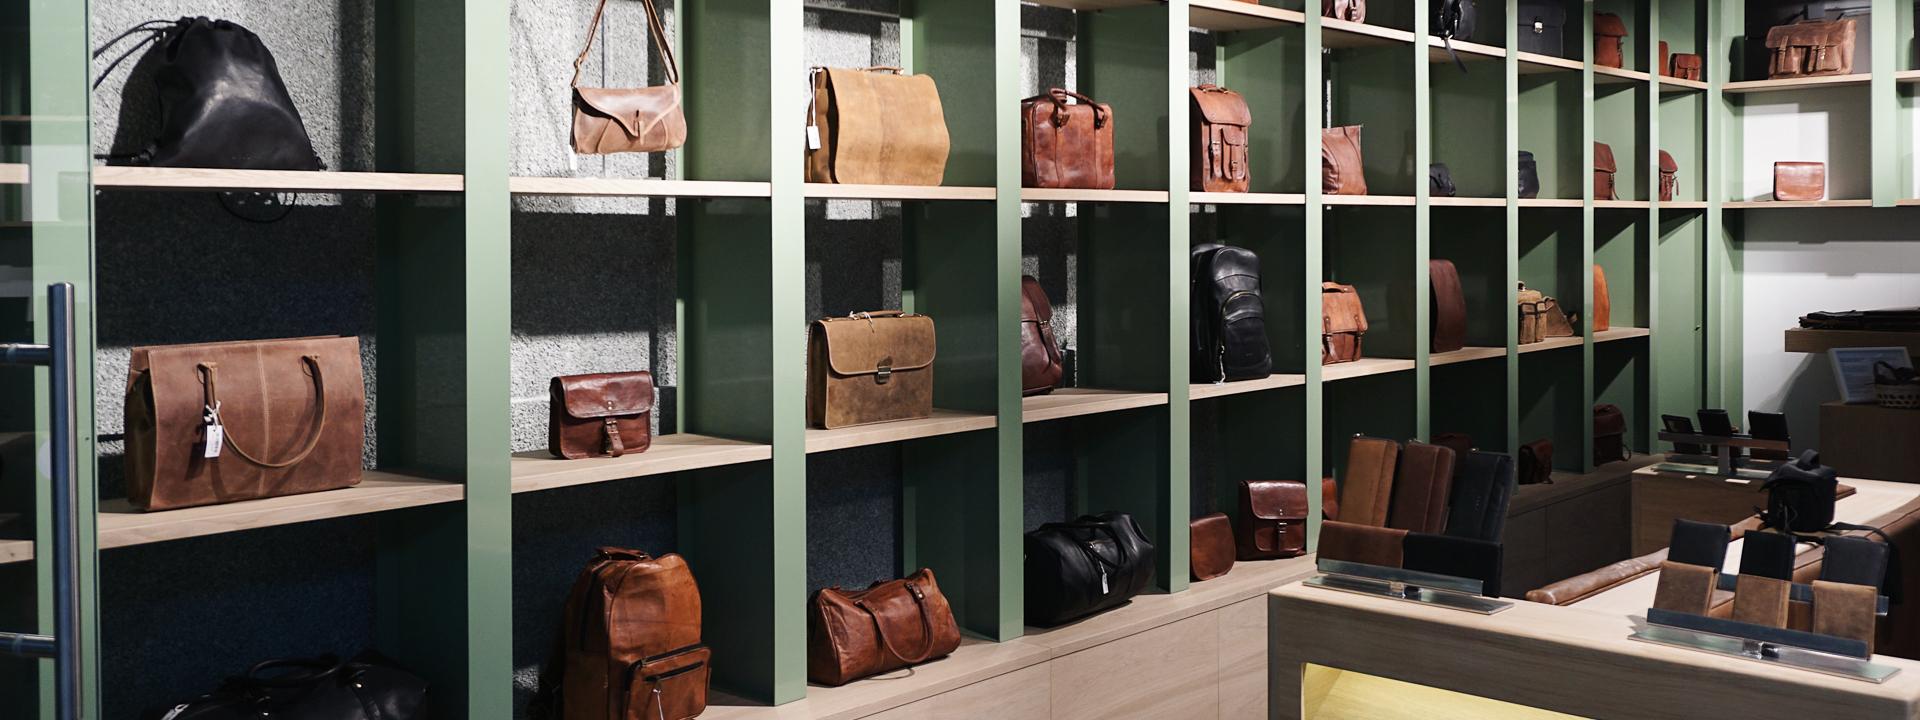 720ce29aa701 Интернет магазин мужских сумок в Украине (Киев, Харьков) | Markes ...